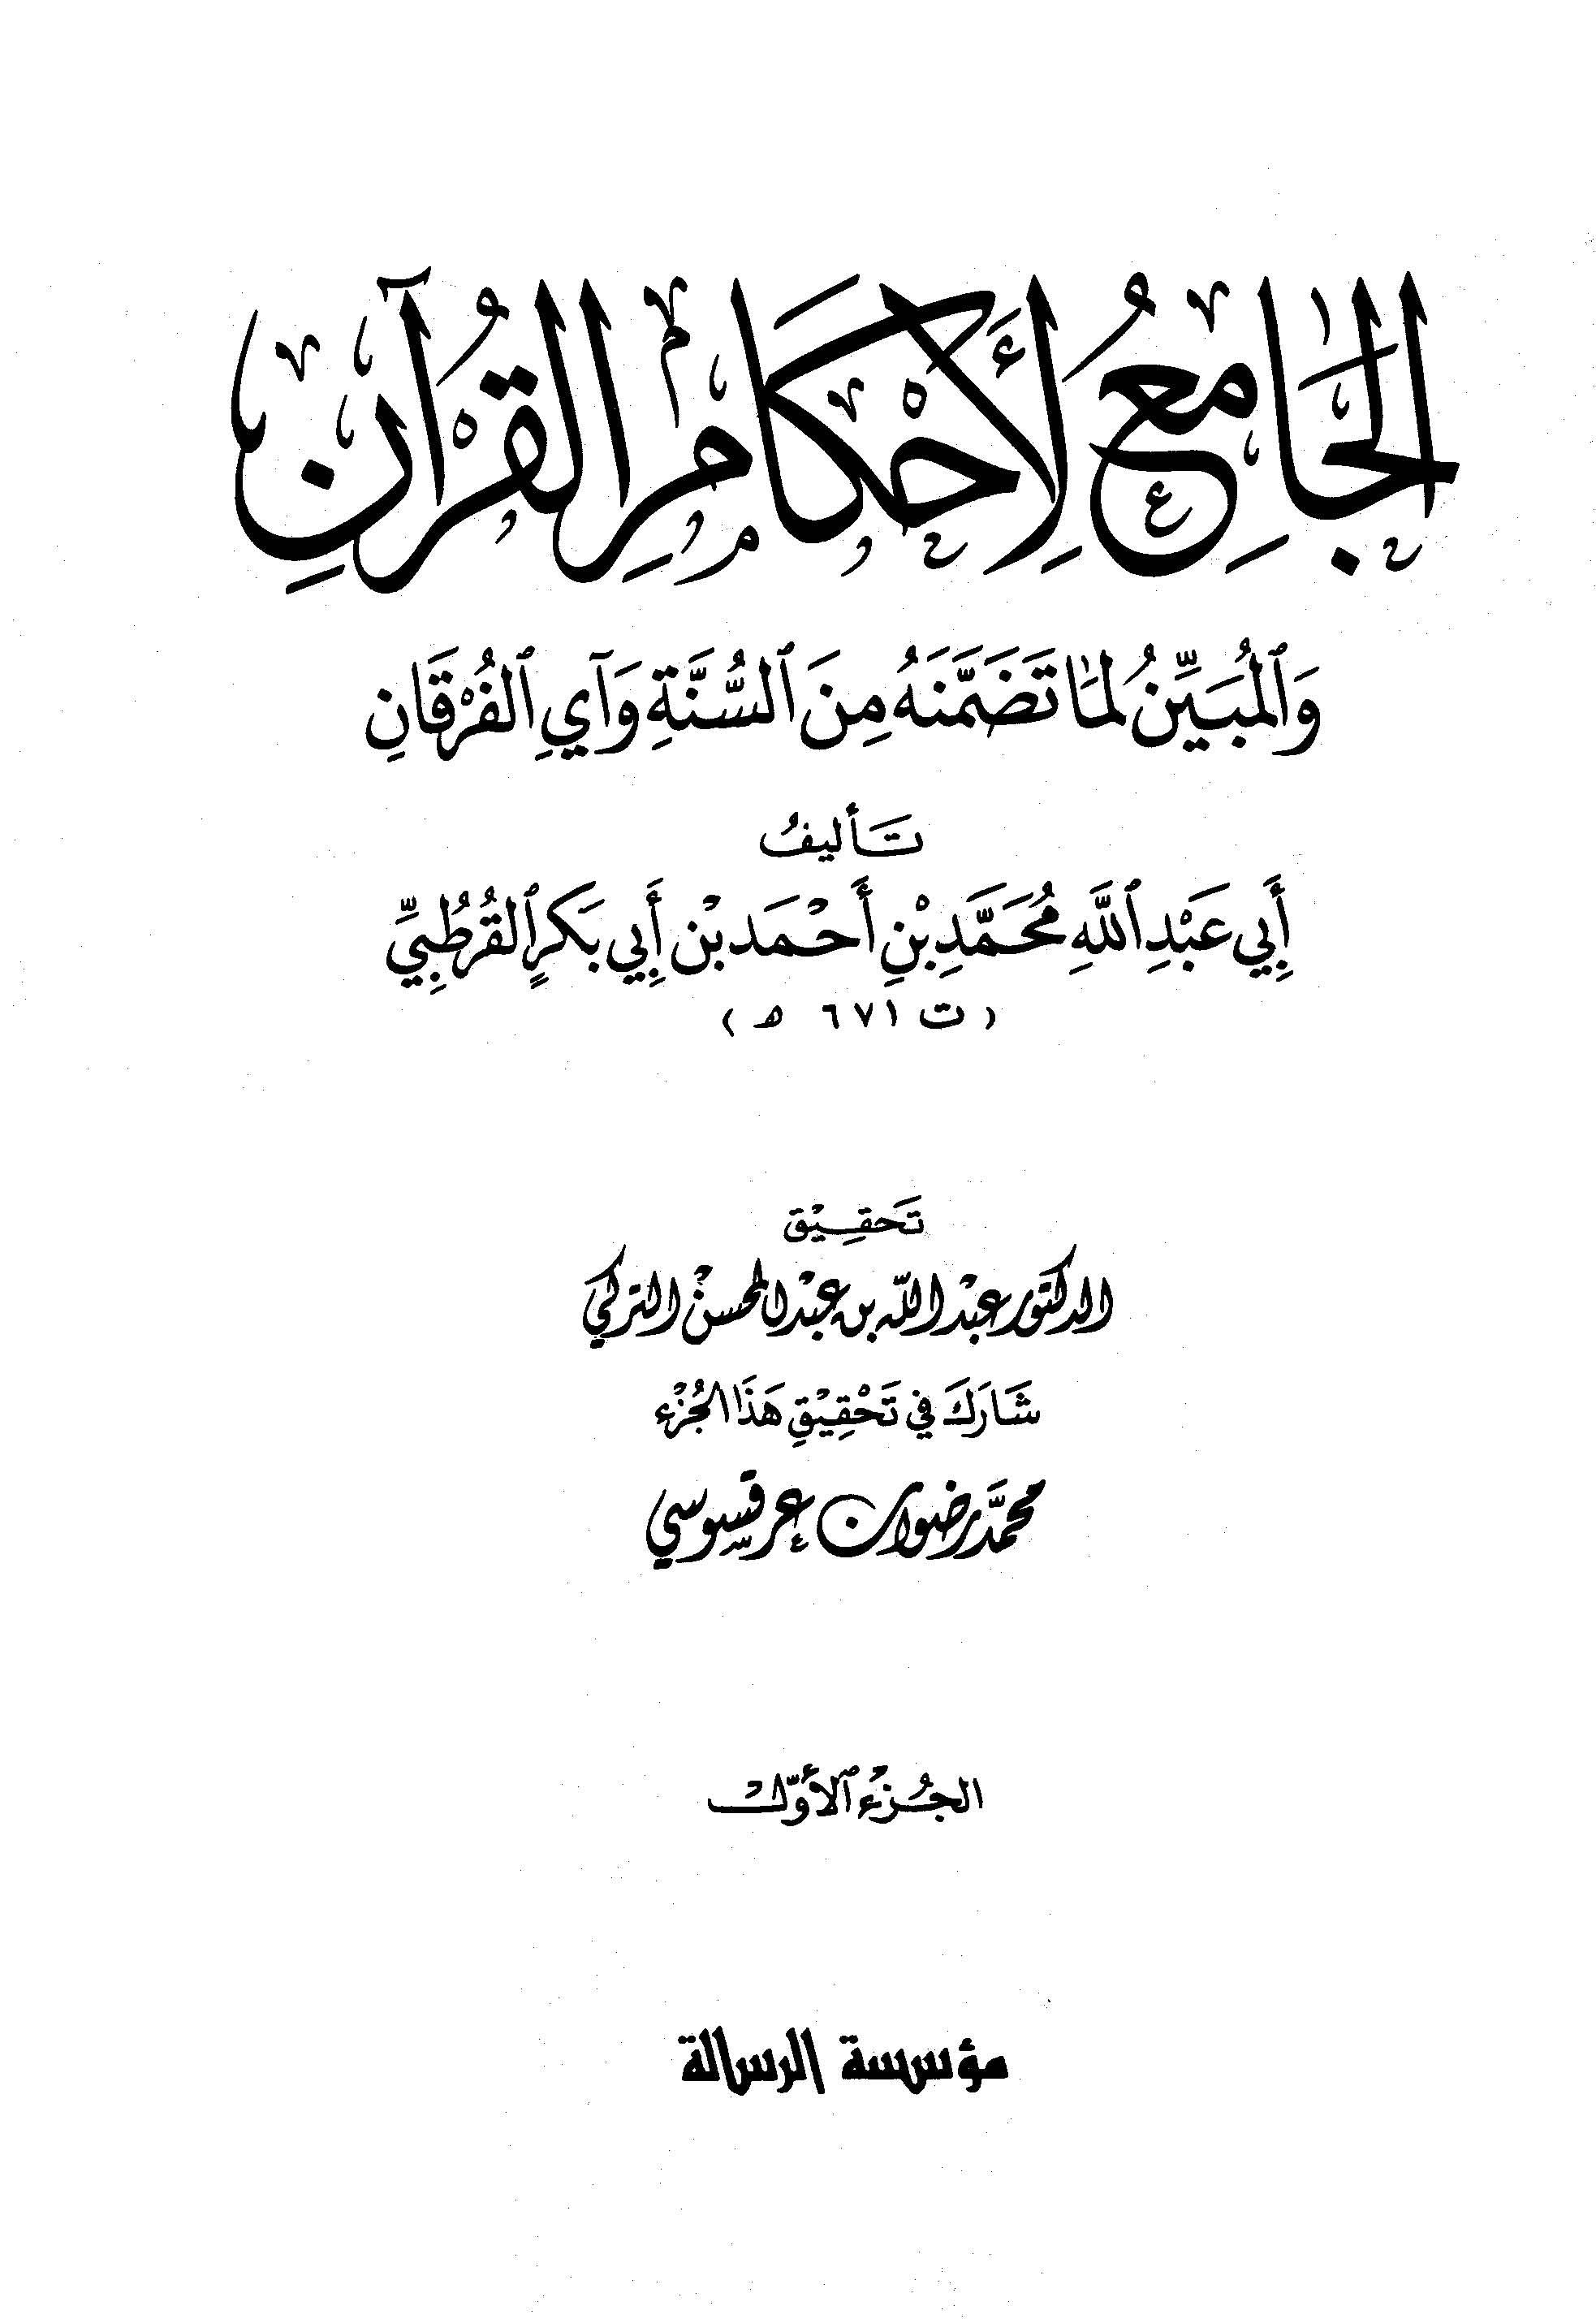 الجامع لأحكام القرآن و المبين لما تضمنه من السنة و آي القرآن (ط: الرسالة)